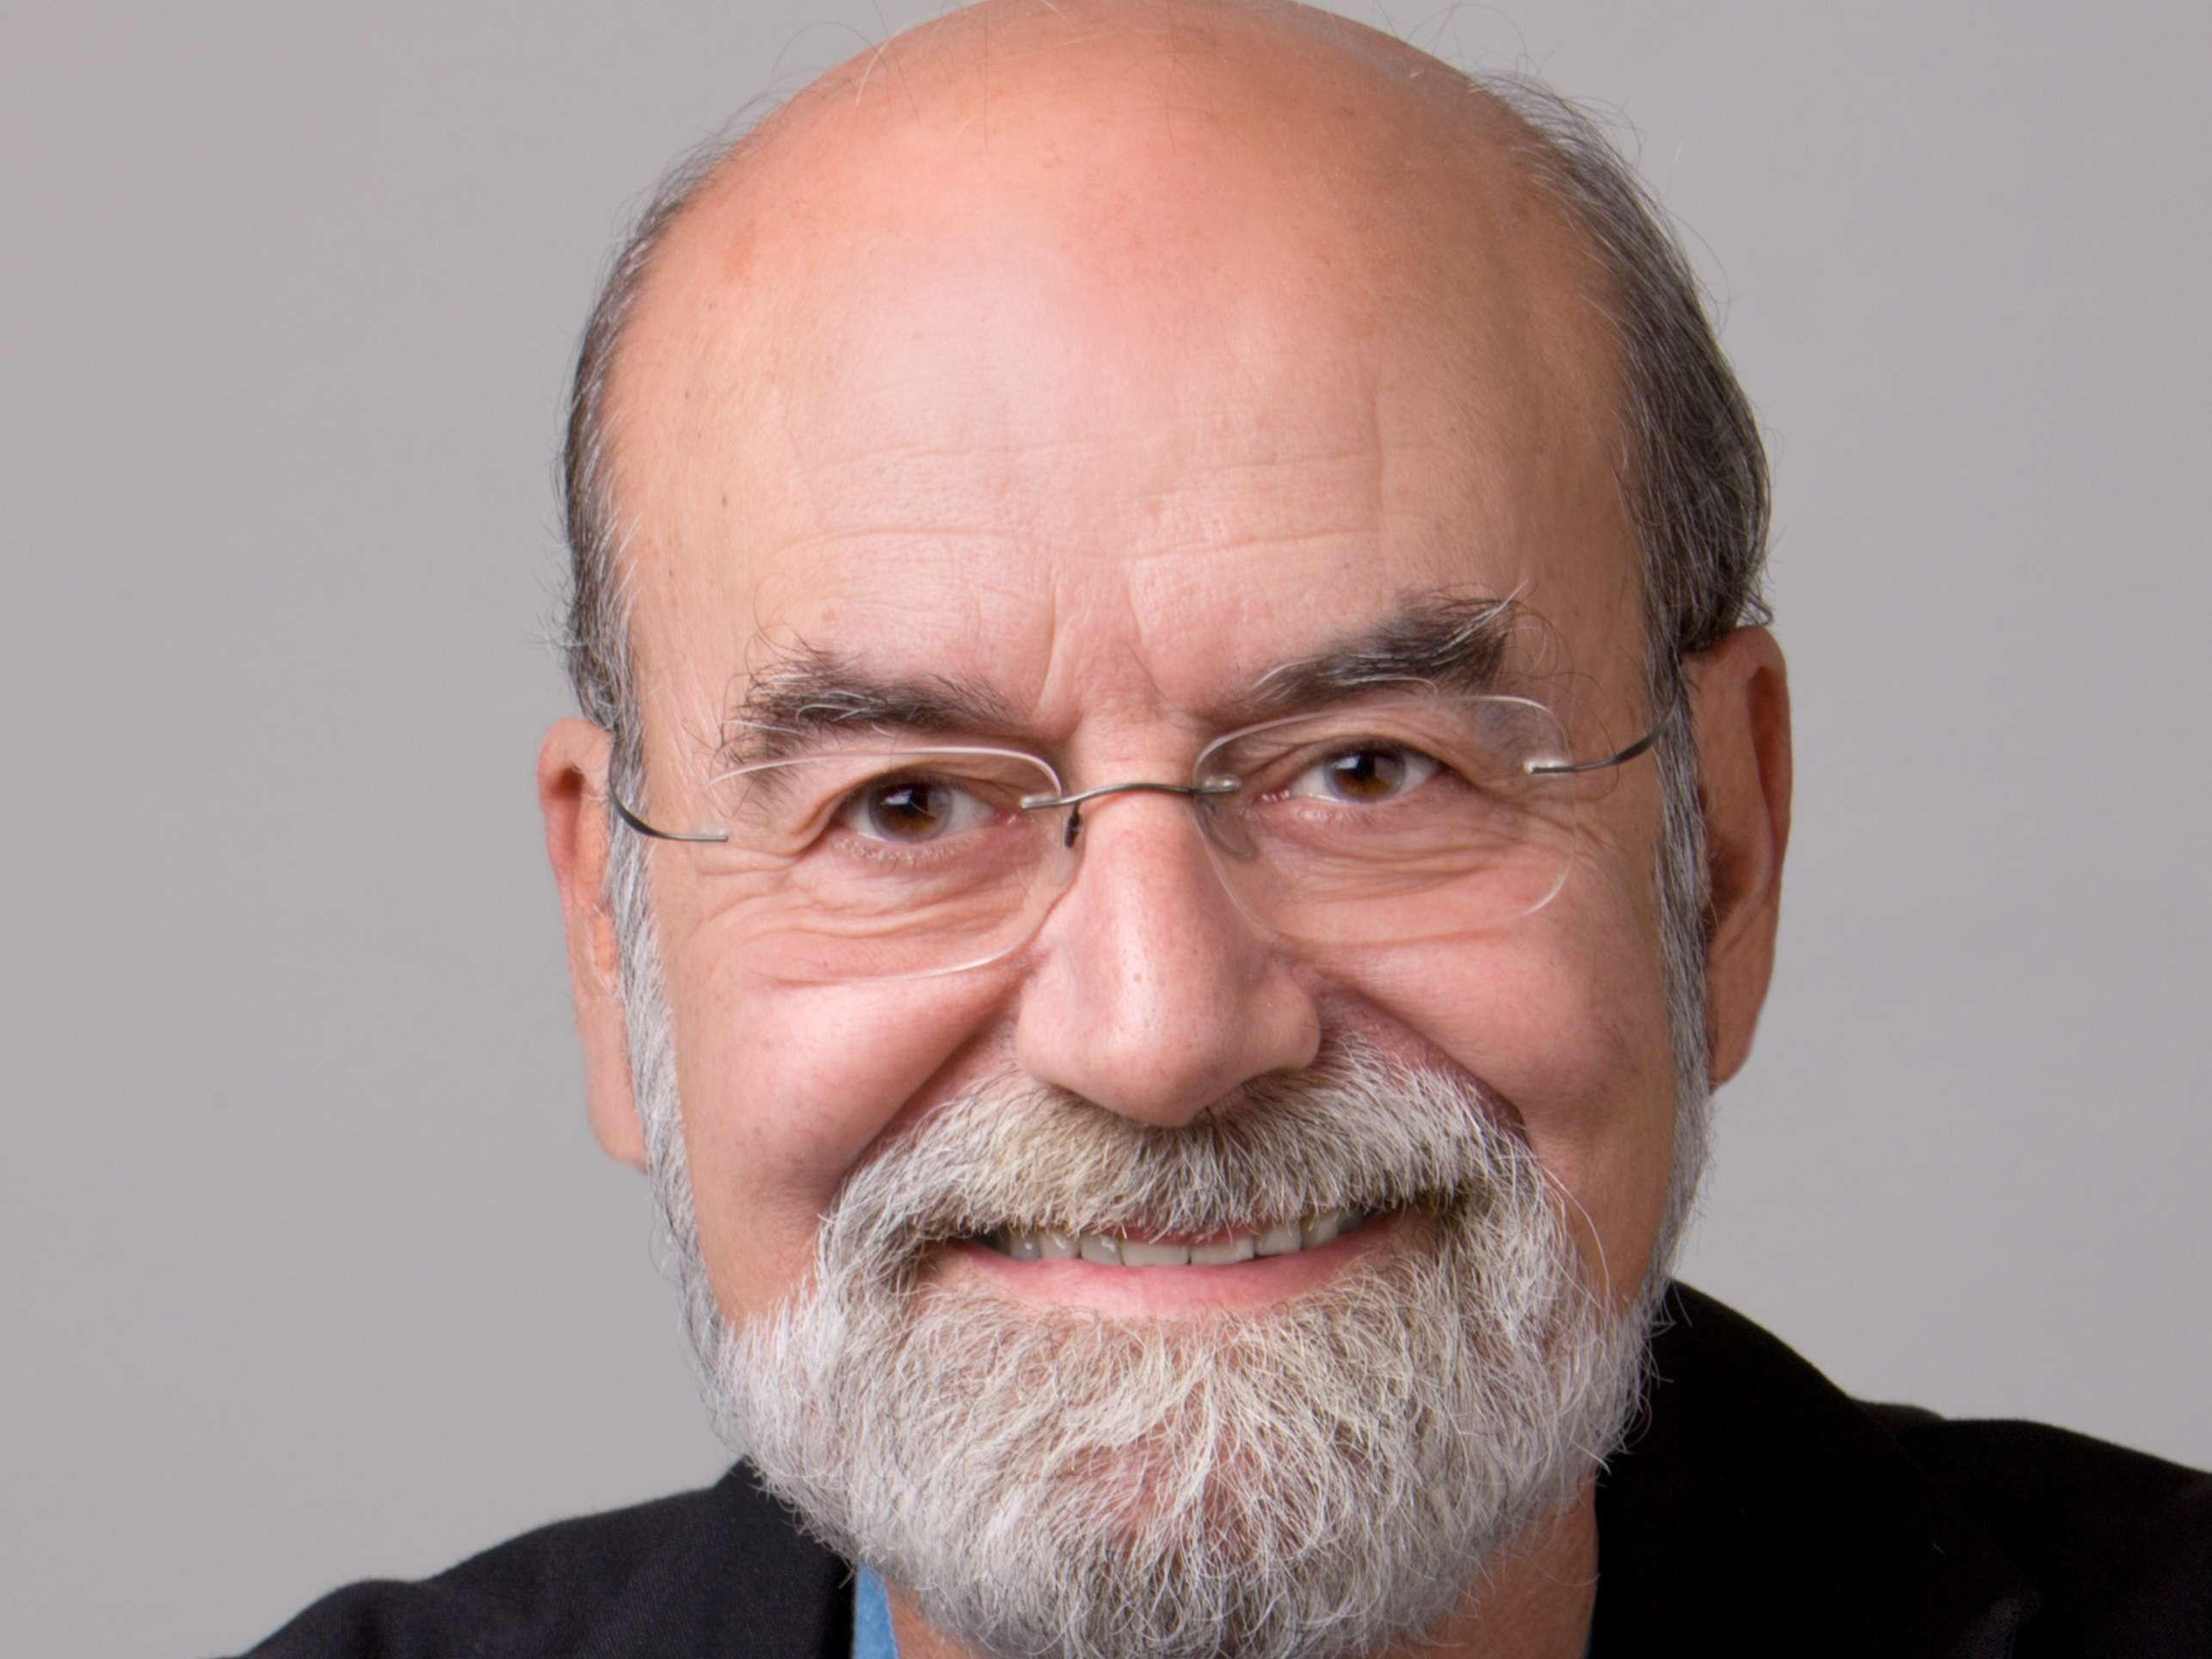 Dr. Emilio Ros